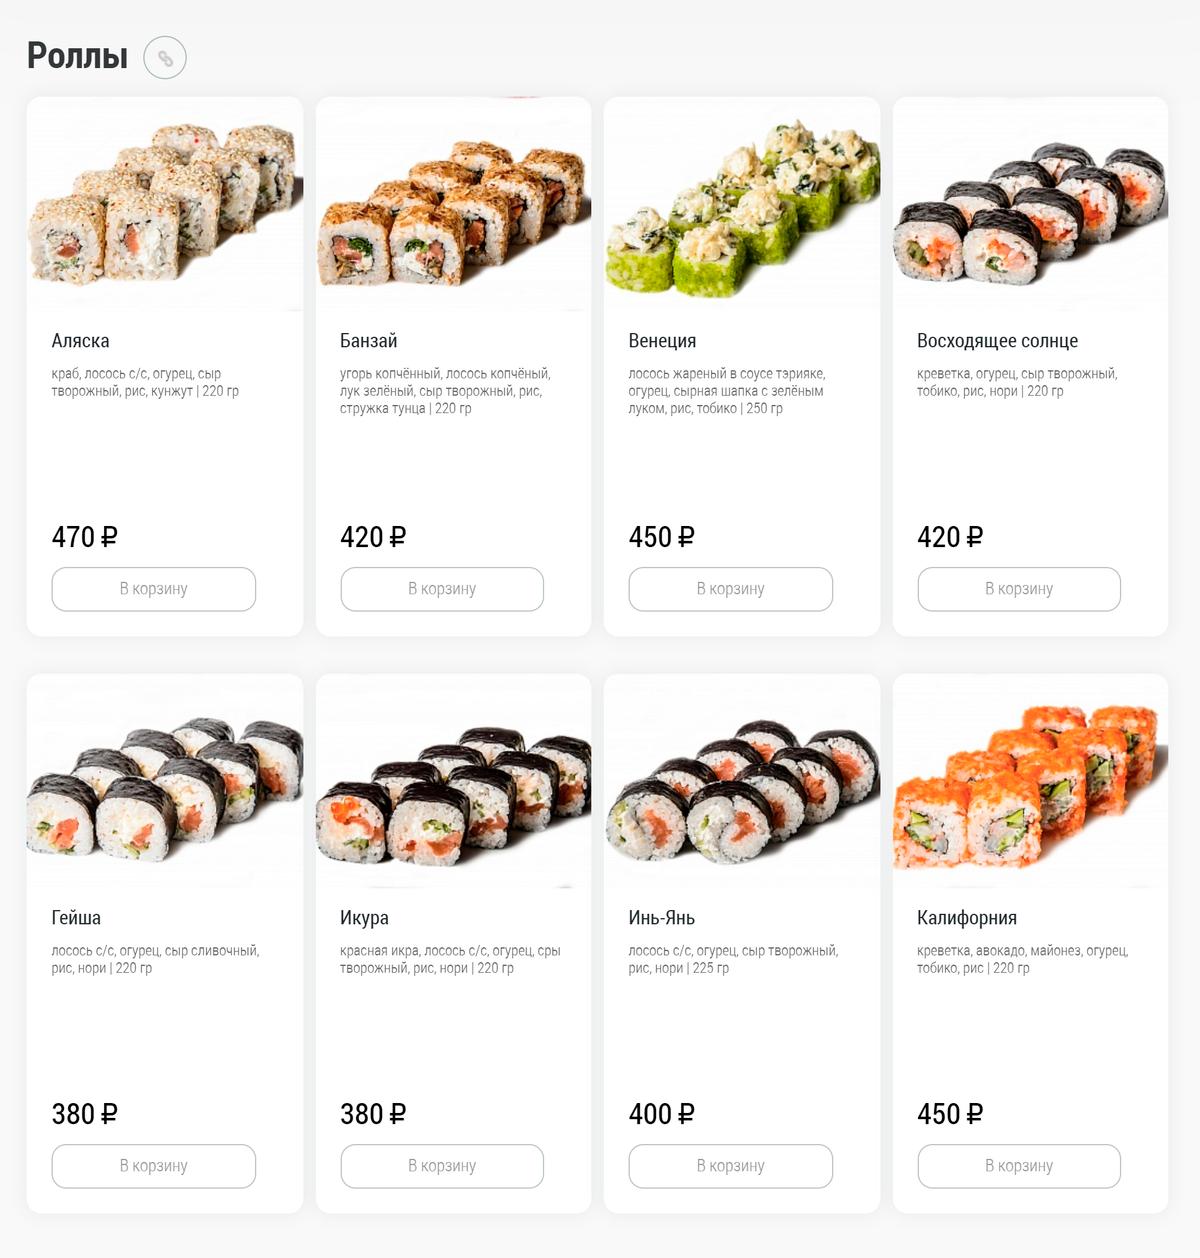 Роллы от «Воки-Токи», но в целом на сайте есть полный набор блюд японской кухни: суши, сашими, рамены, гунканы